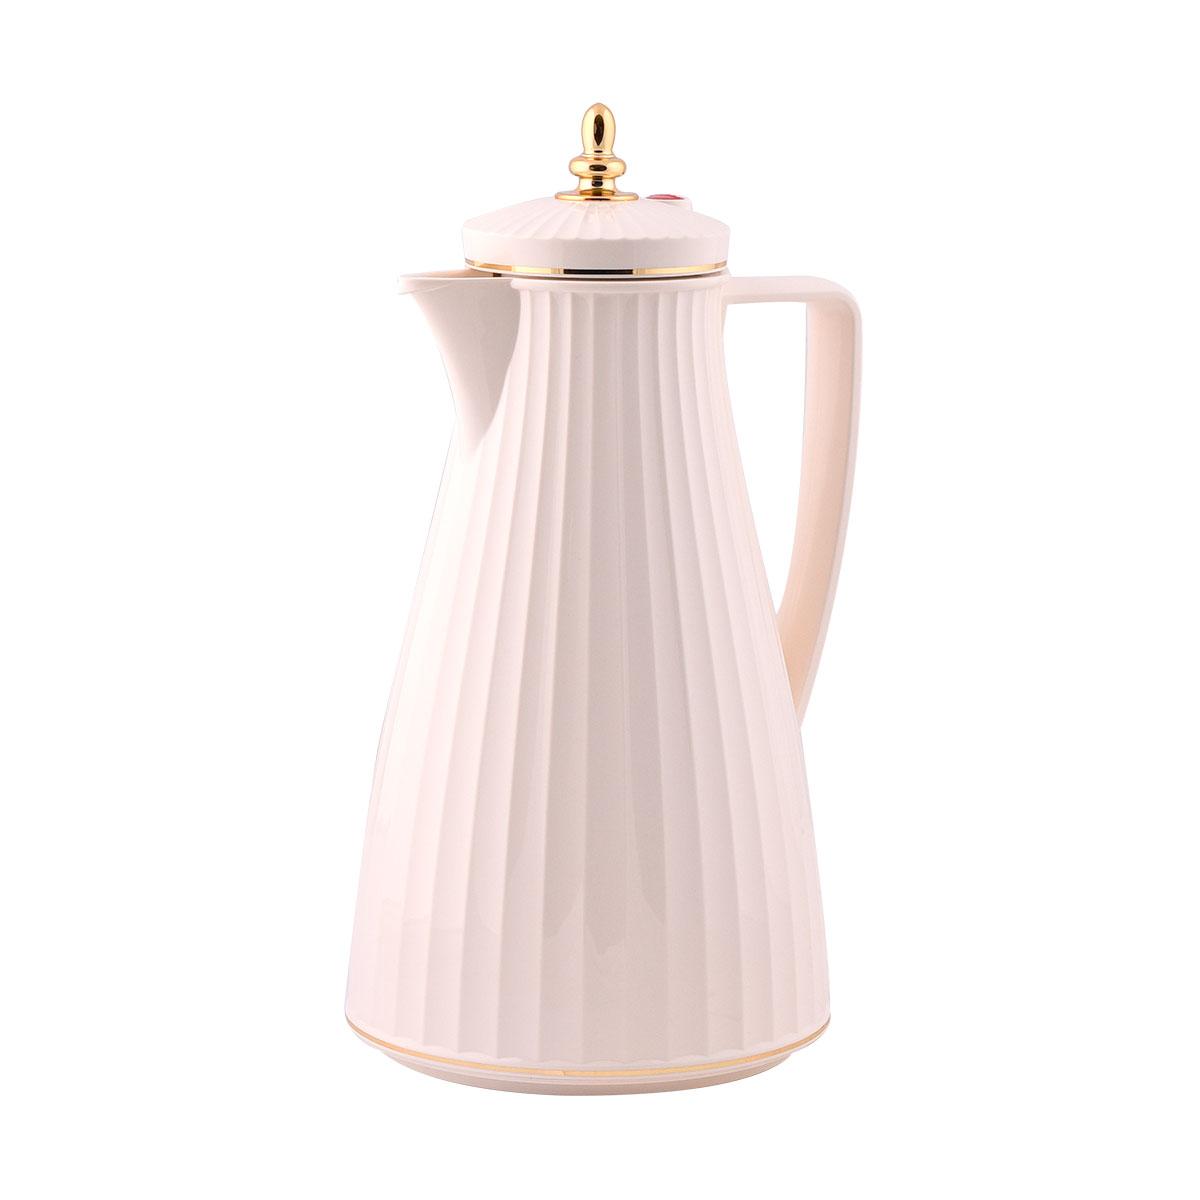 ترمس شاي وقهوة فلورا السيف لون بيج  - 1 لتر  - IW